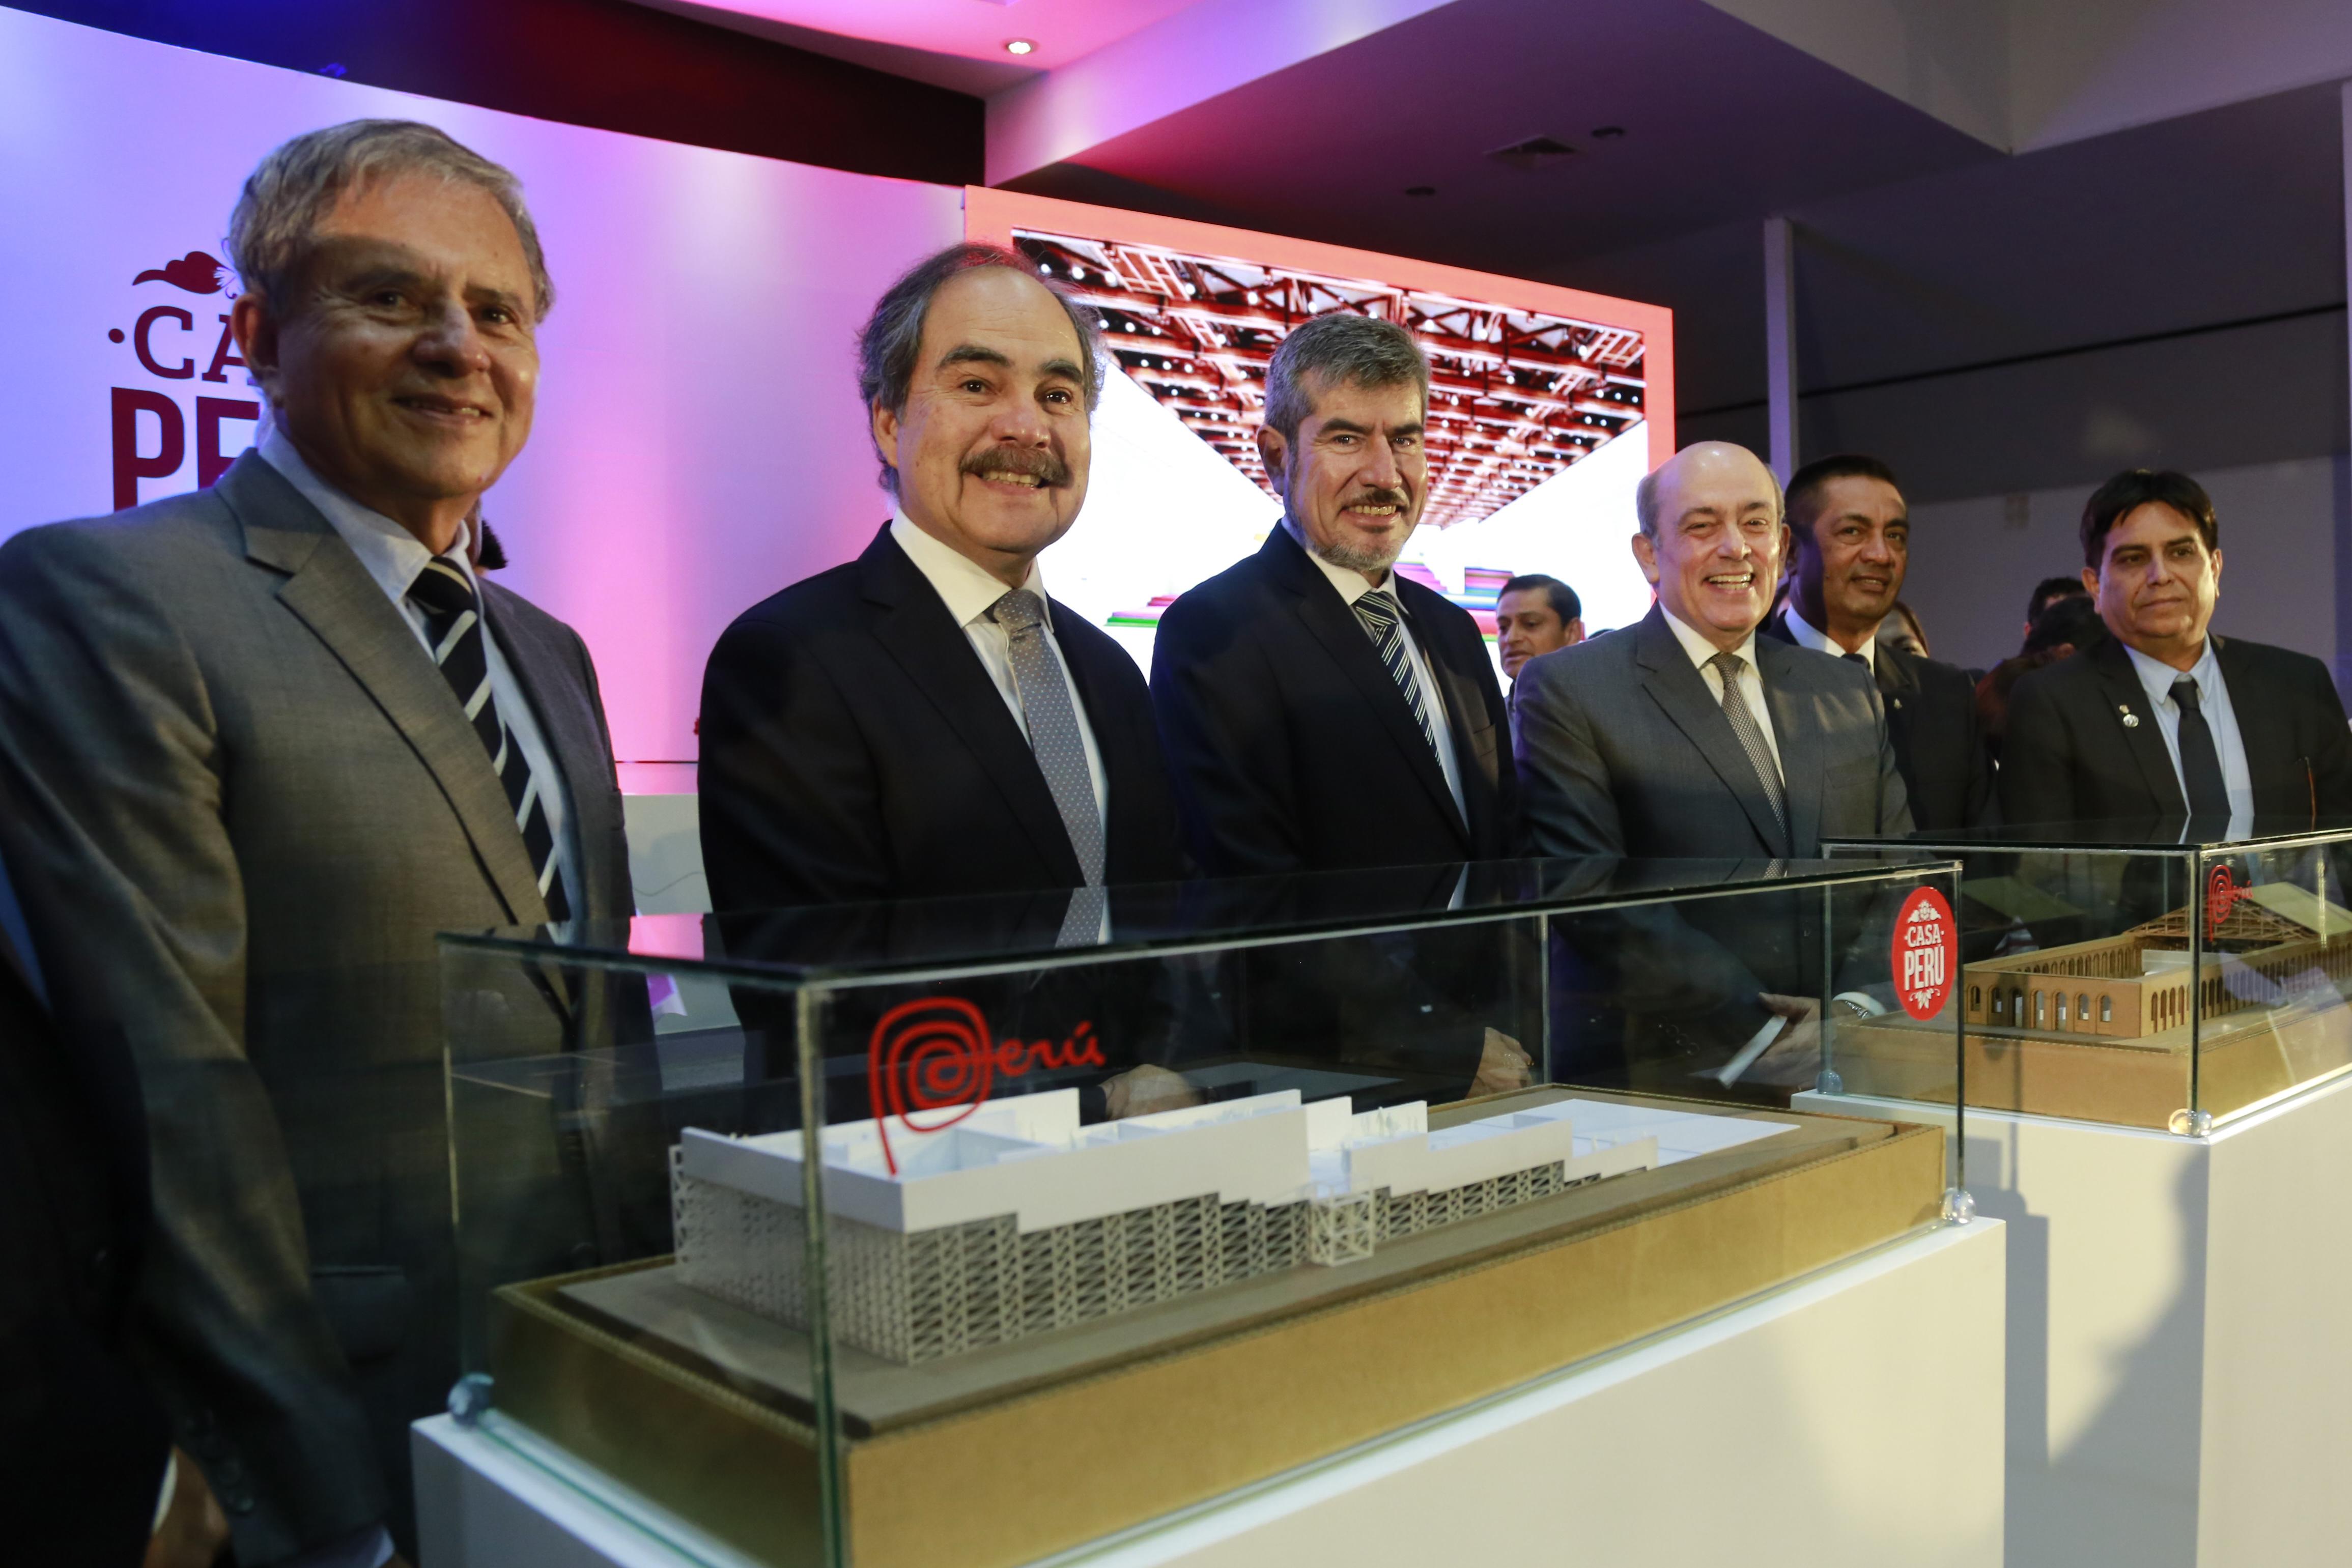 Casa Perú en Rusia 2 - Mundial Rusia 2018: Casa Perú exhibirá más de 400 productos nativos en Moscú